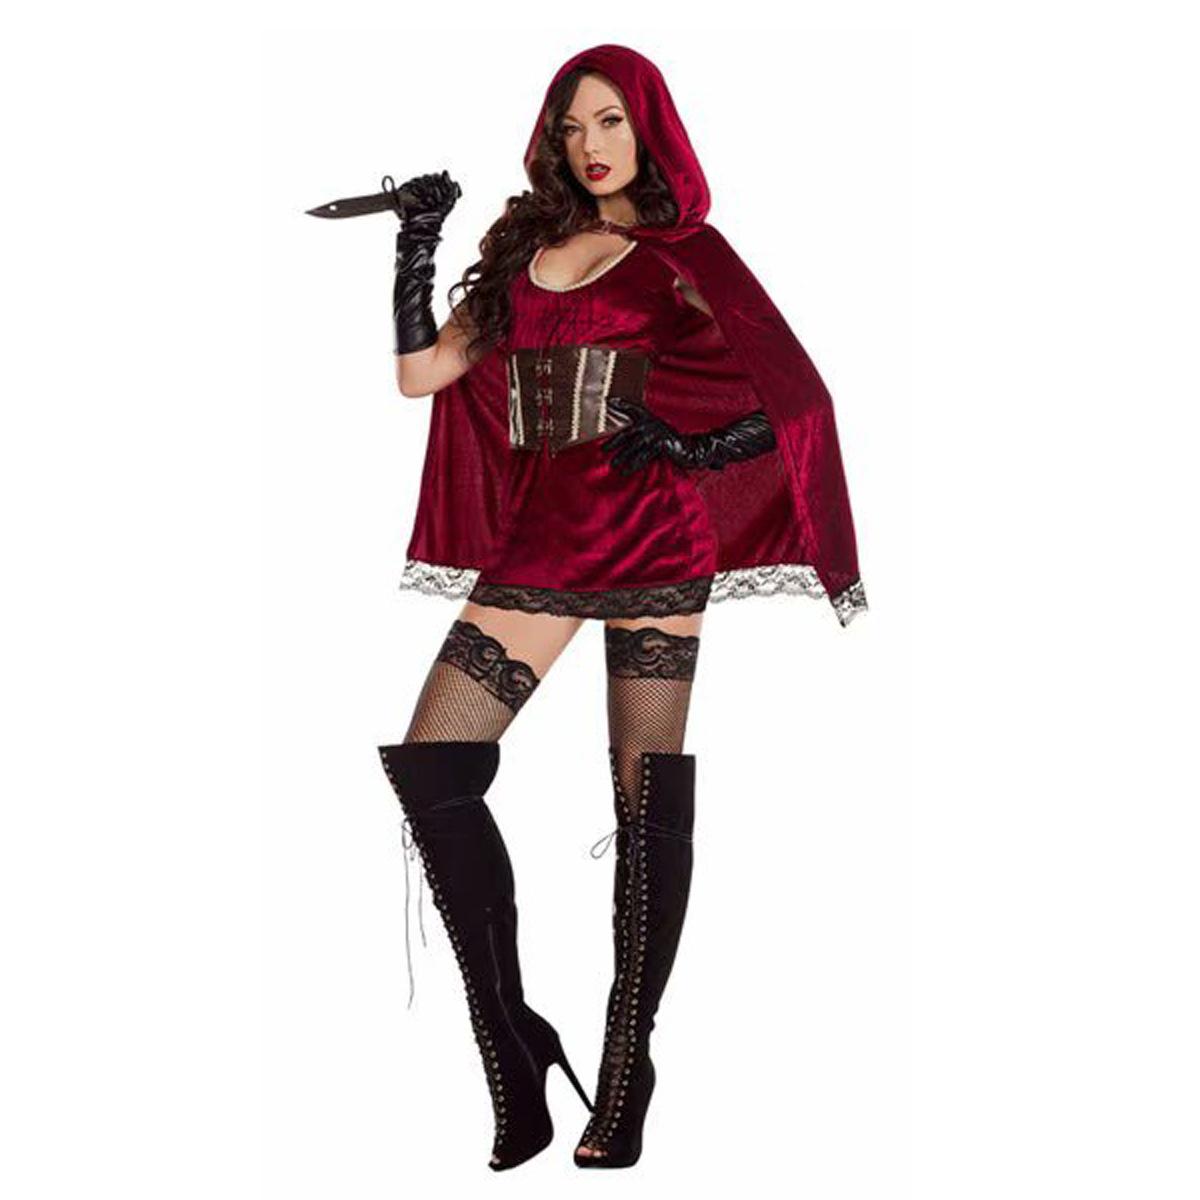 王装制服成人角色扮演服城堡万圣节Cosplay新款小红帽服装女